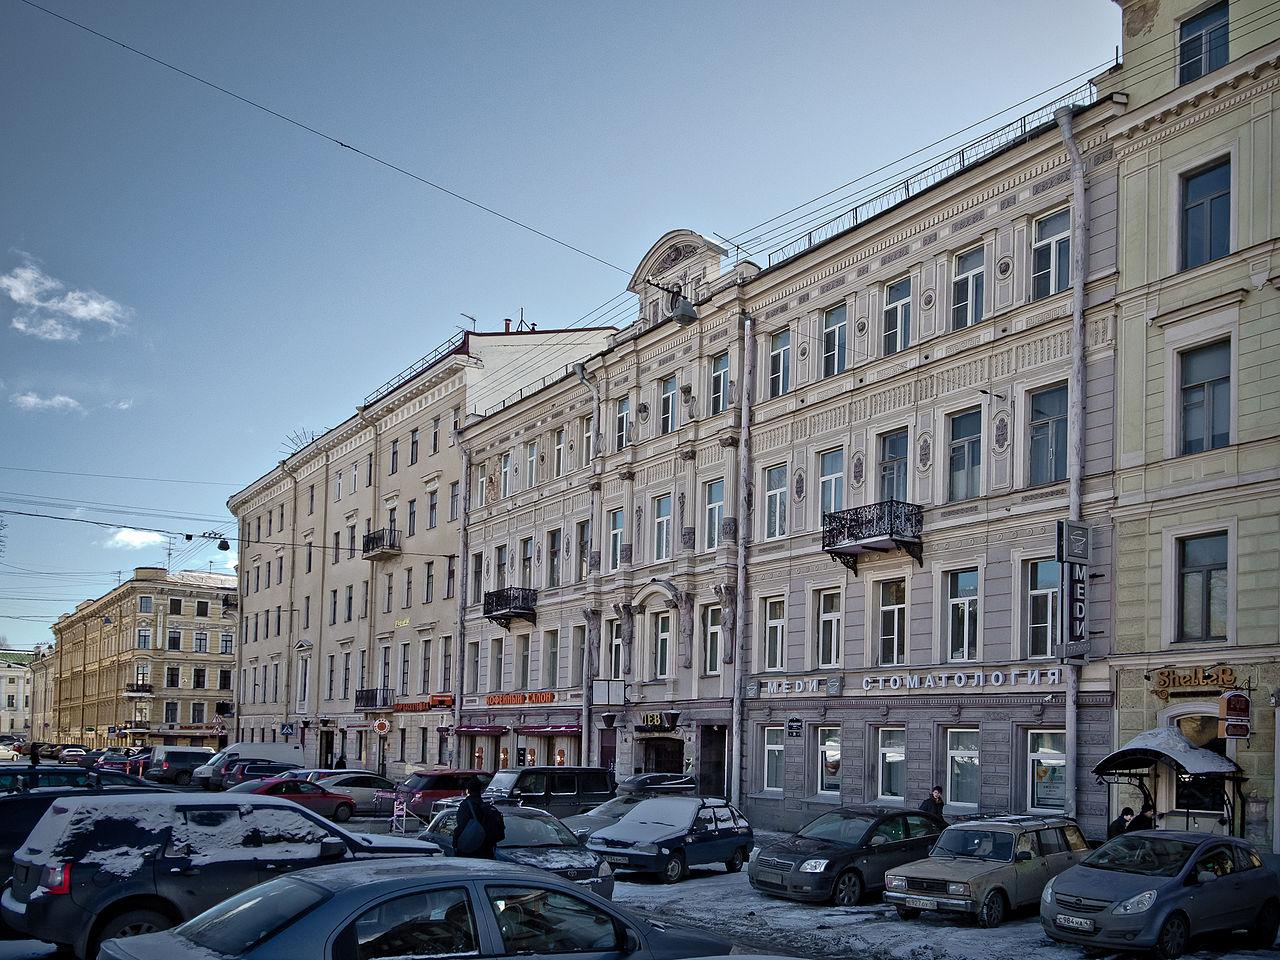 Доходный дом, Итальянская улица, 31 (на переднем плане). Фото: Florstein (Wikimedia Commons)